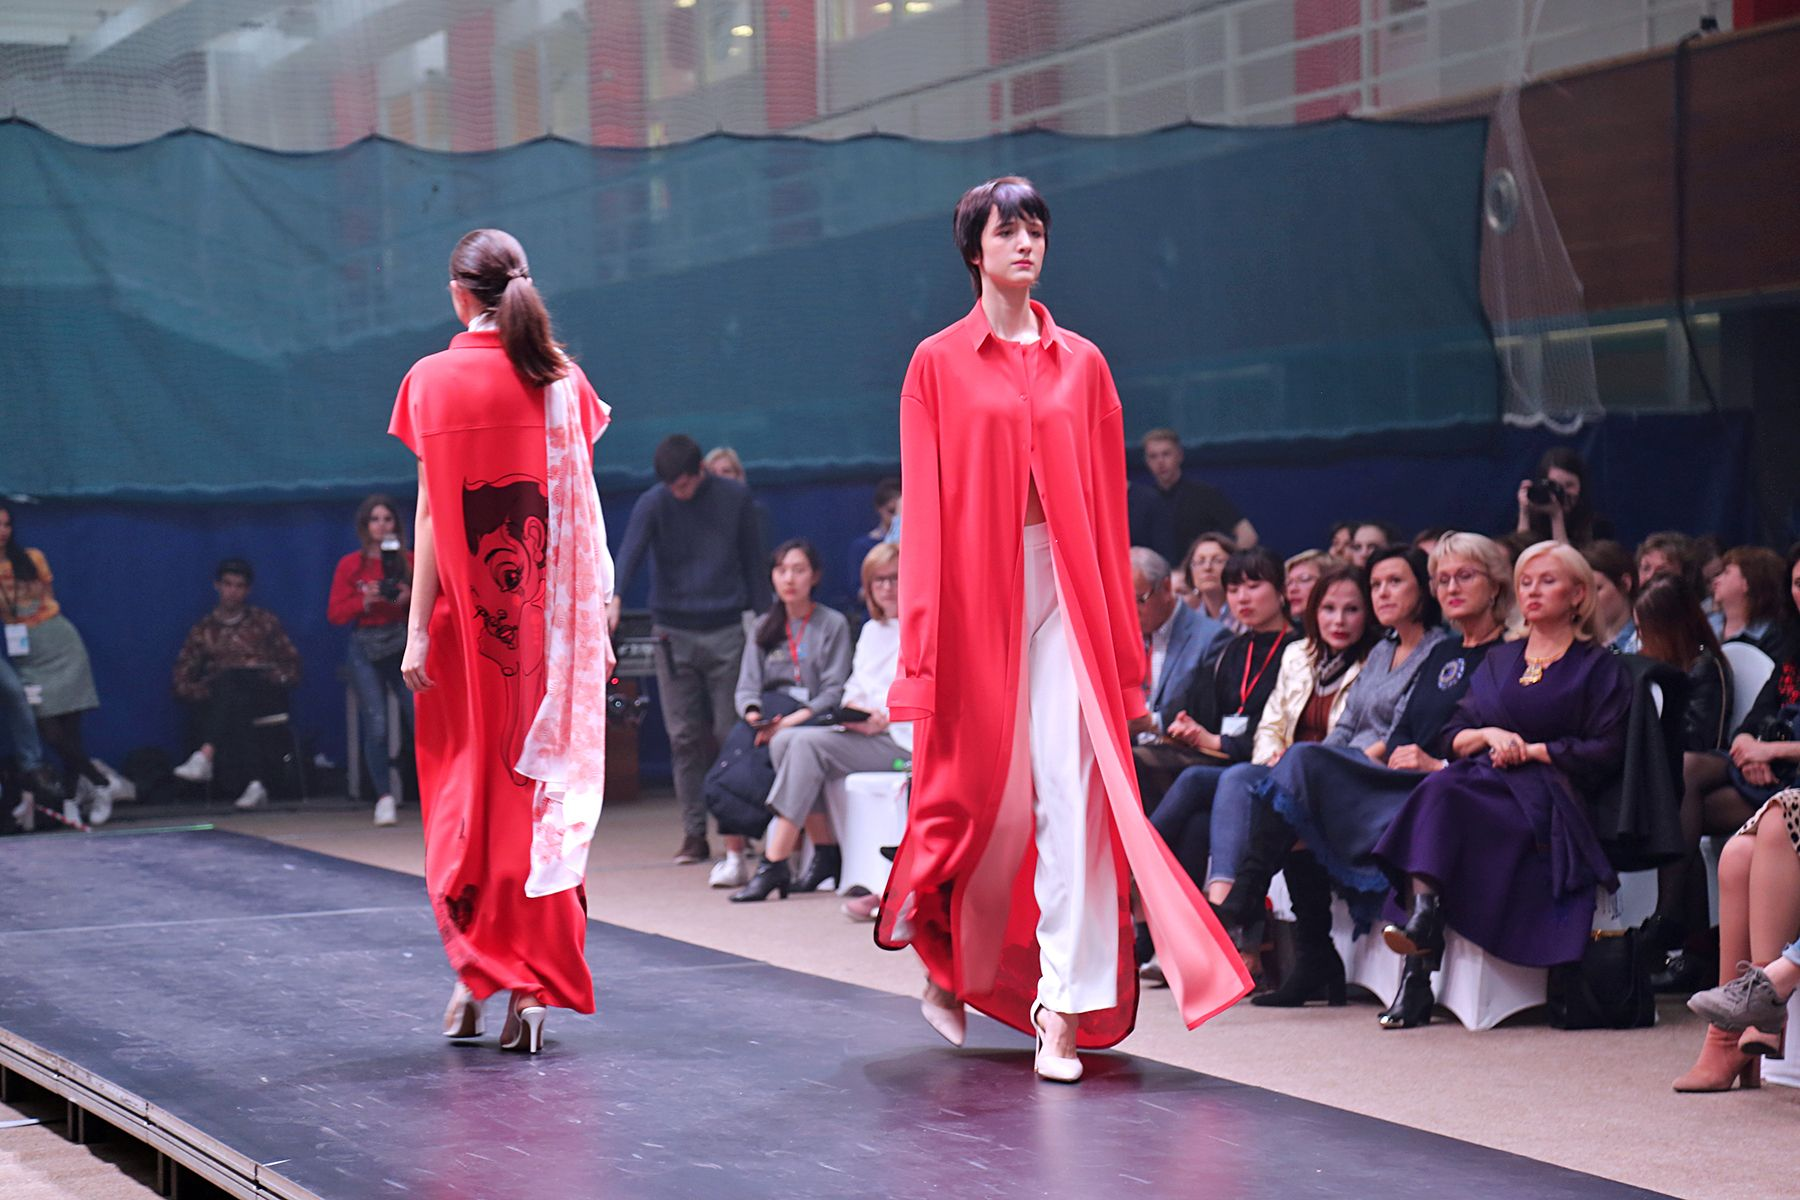 Brands day: модные тенденции весенне-летнего сезона-2019 представили дизайнеры Дальнего Востока и стран АТР